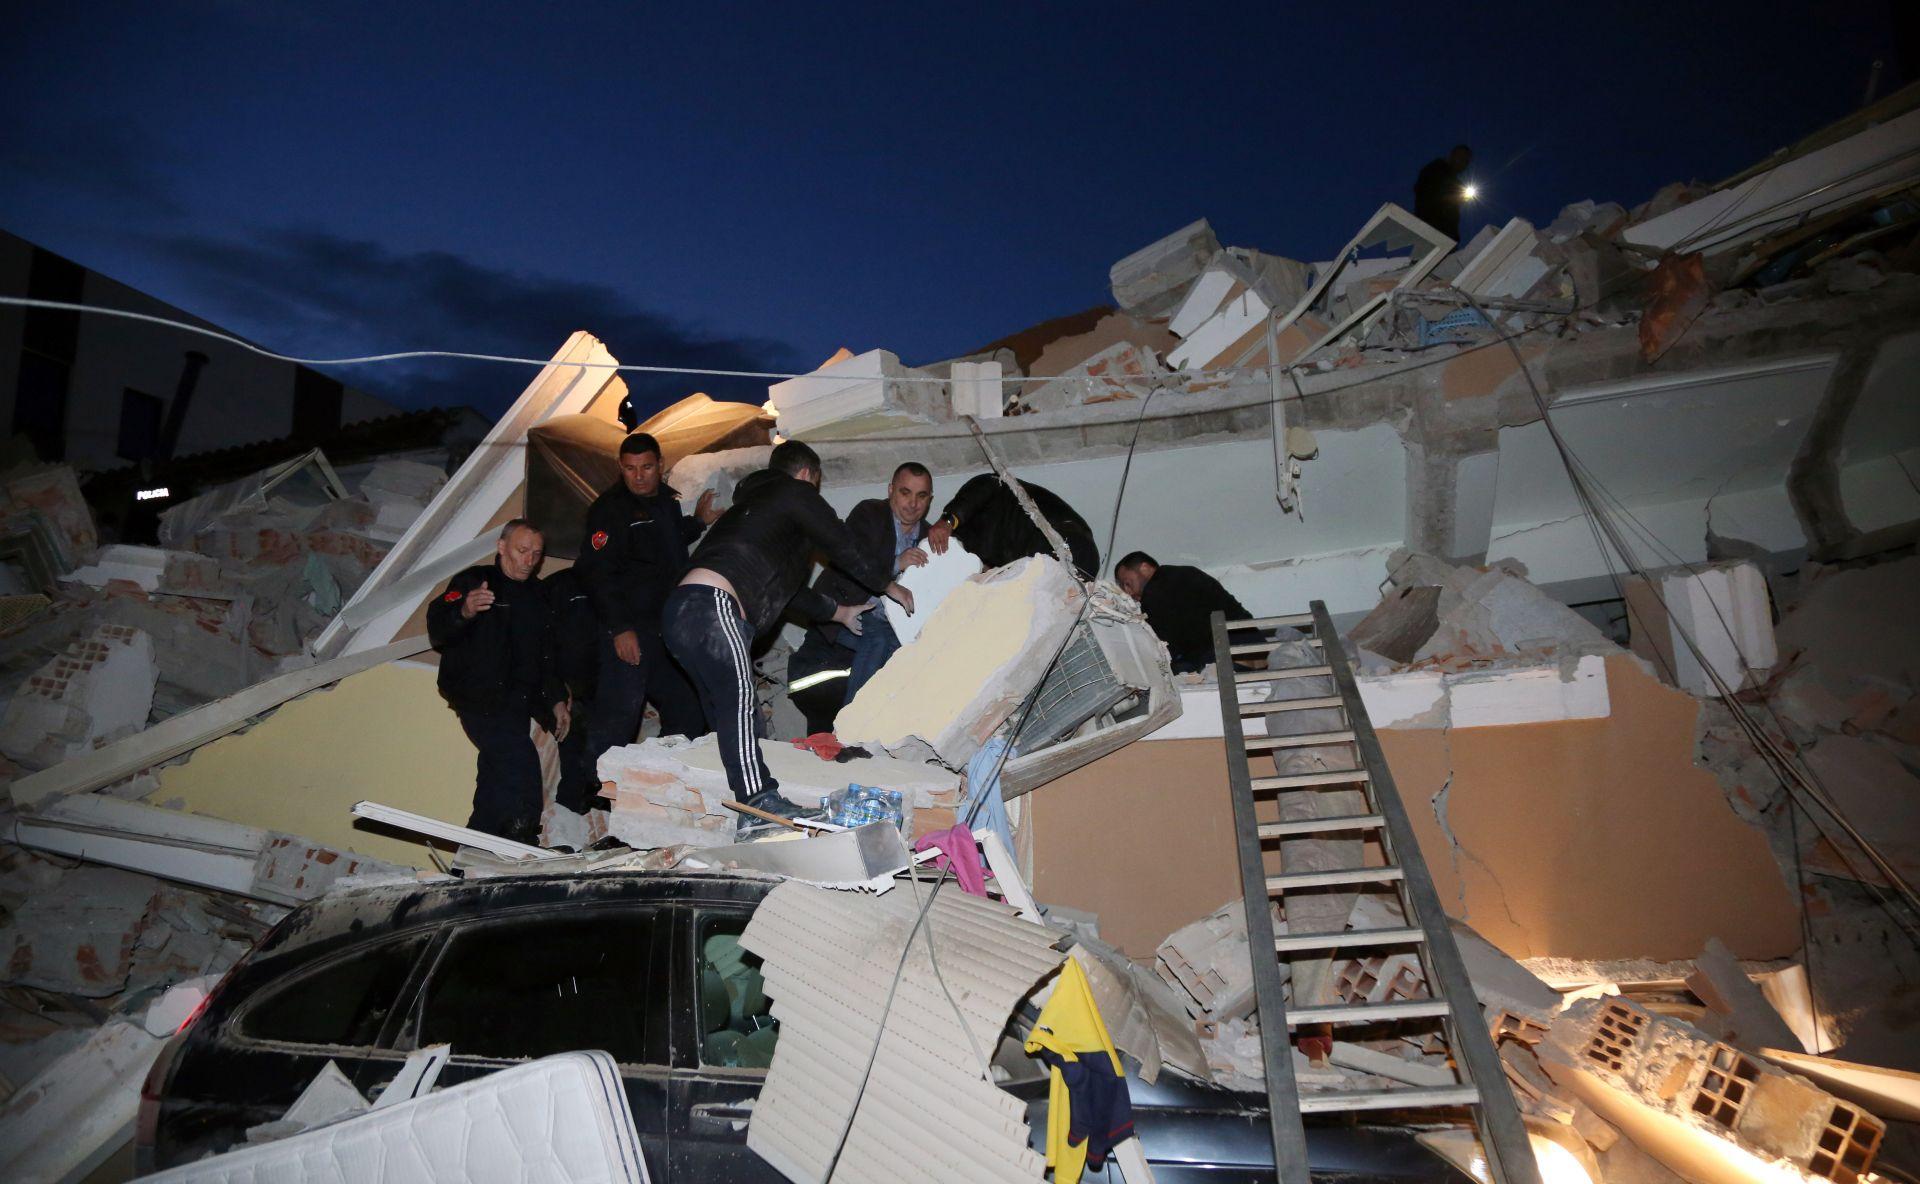 Около 150 души са ранени при труса. Няколко сгради рухнаха, а под руините има затрупани граждани. По данни на американския Геофизичен институт магнитудът на труса е бил 6,4.